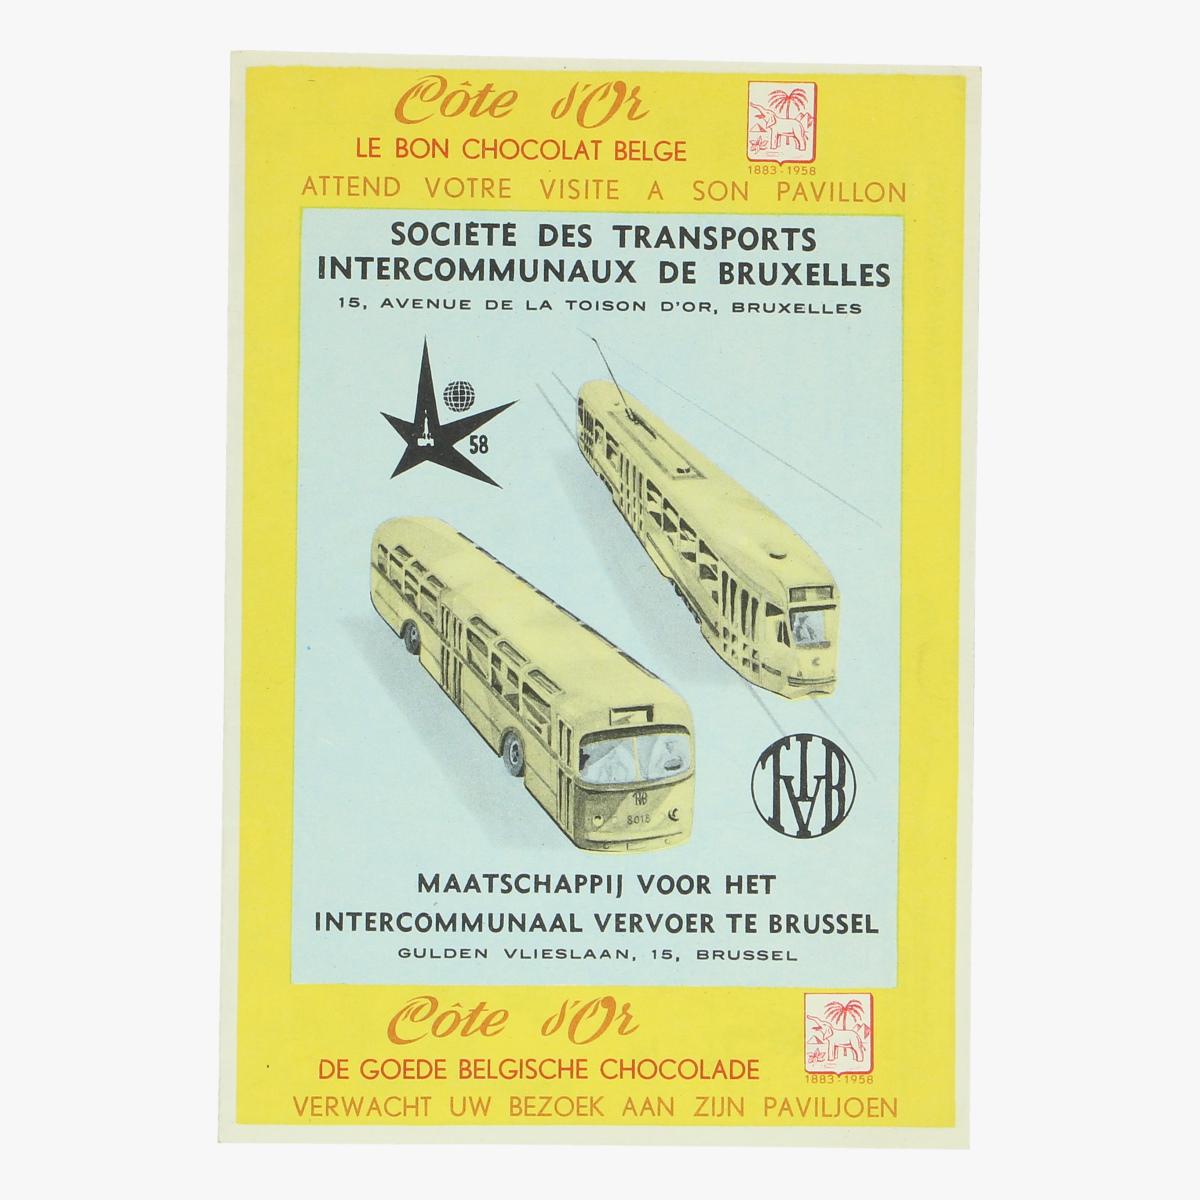 Afbeeldingen van expo 58 cote d'or le bon choclade belge attend votre visite a son pavillon